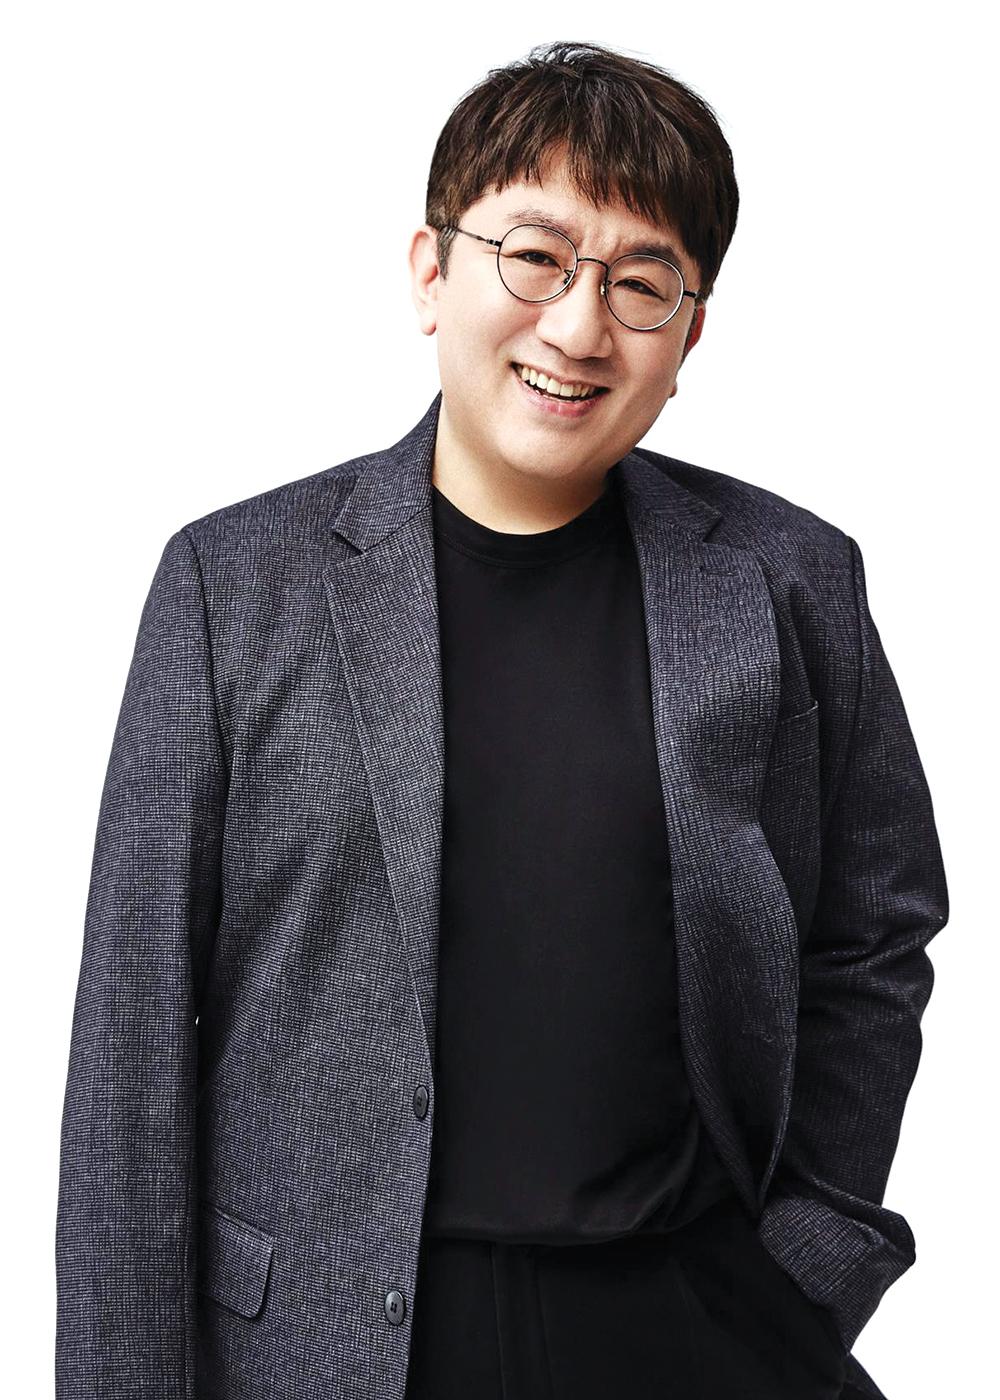 Lee Soo Man and Bang Si Hyuk for Variety